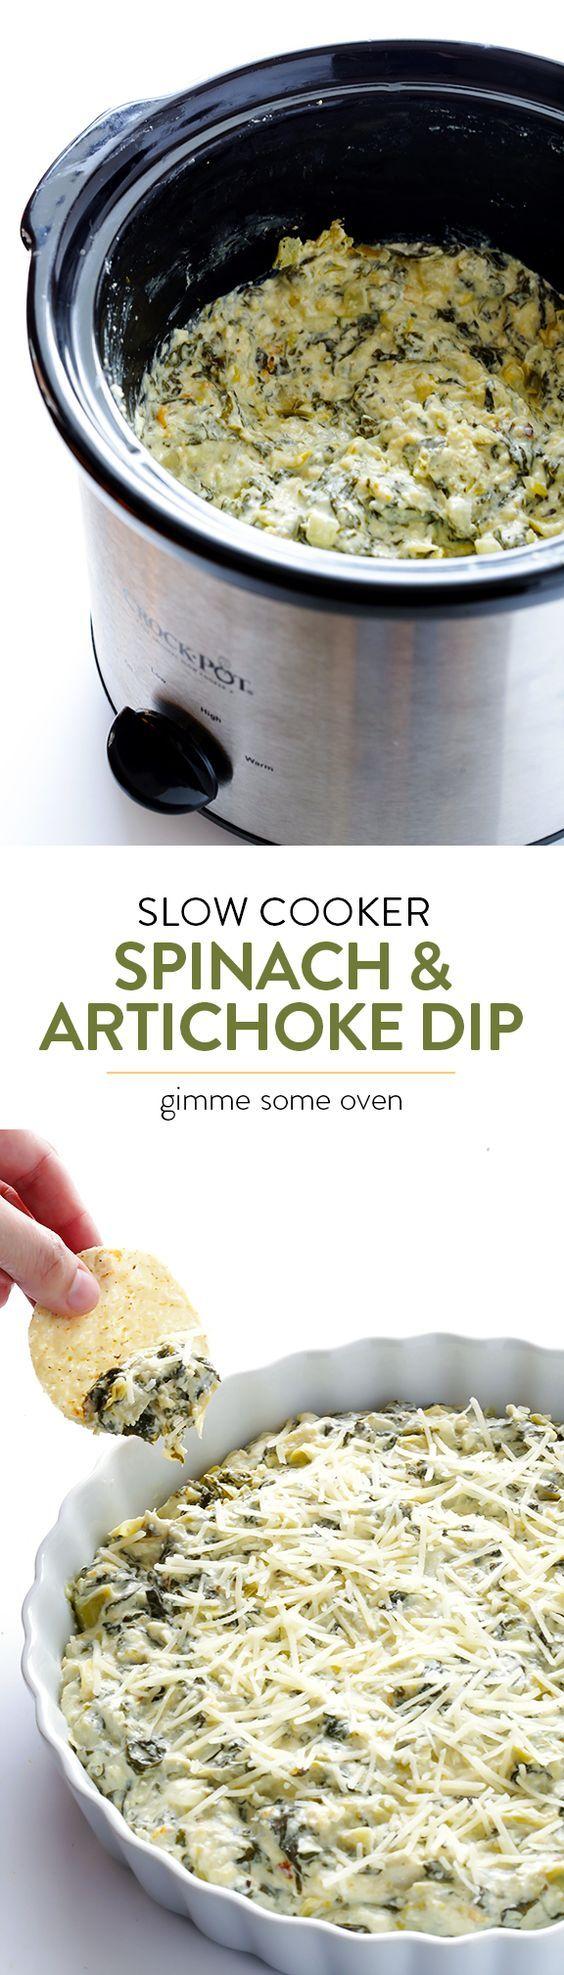 Crock Pot Recipes Artichoke Dip Recipes And Spinach